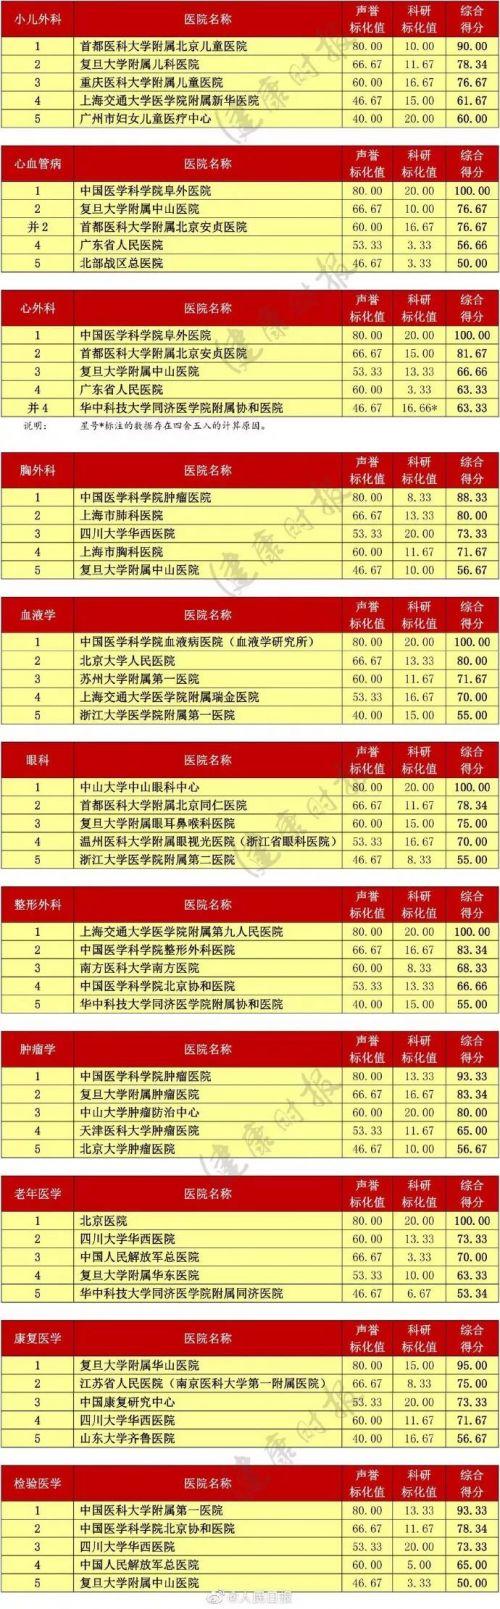 全国医院专科排名榜单出炉 2018年度中国医院专科综合排行榜详情